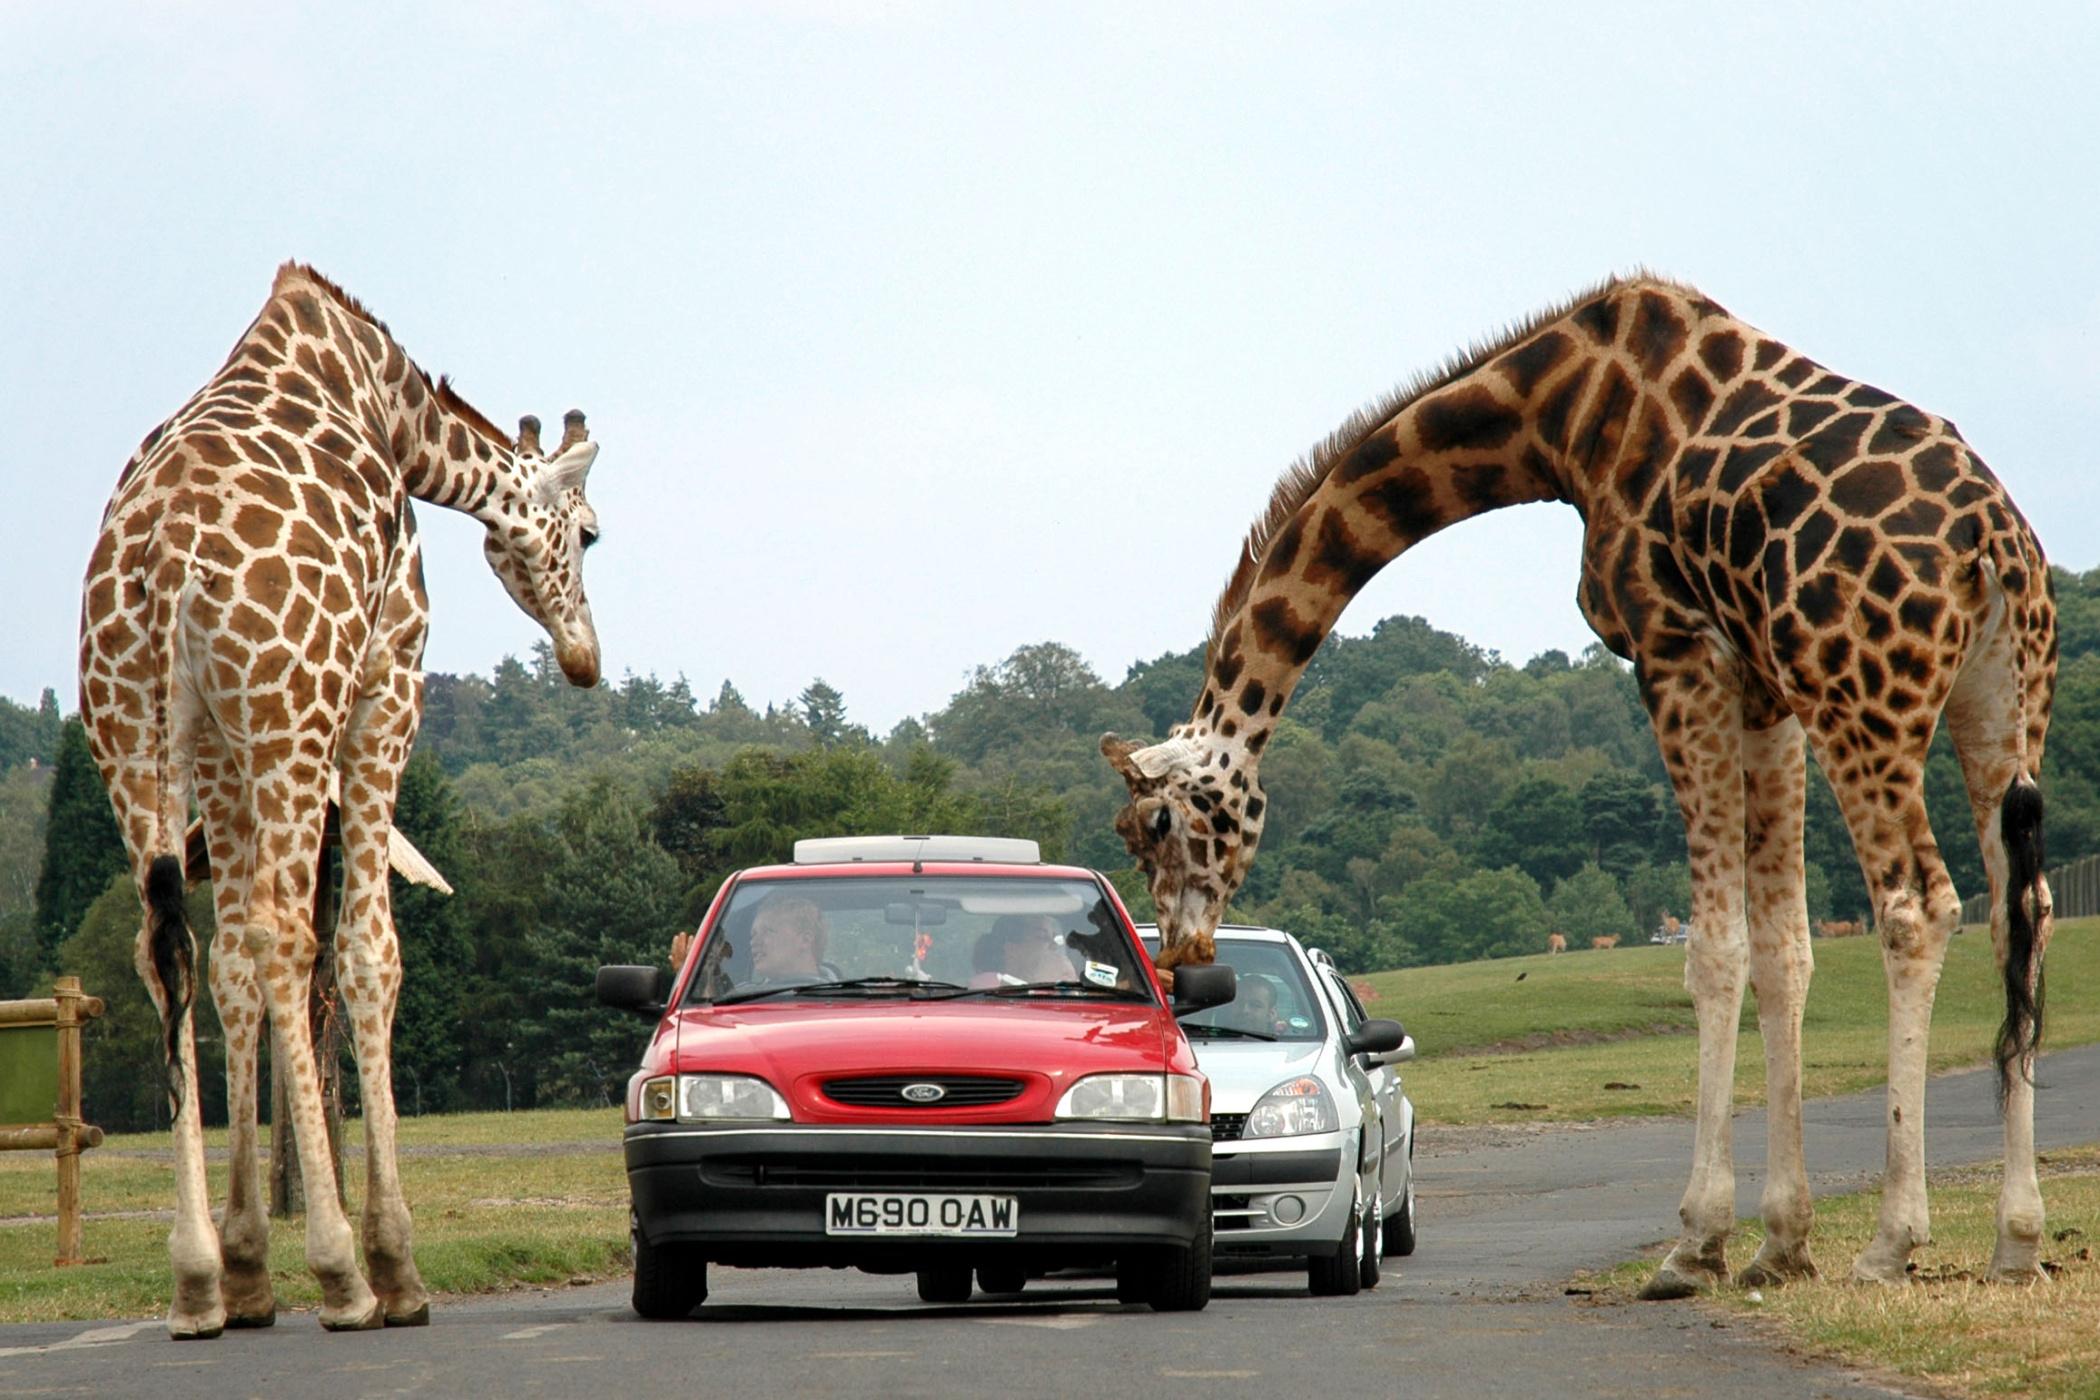 žirafy - Afrika - safari